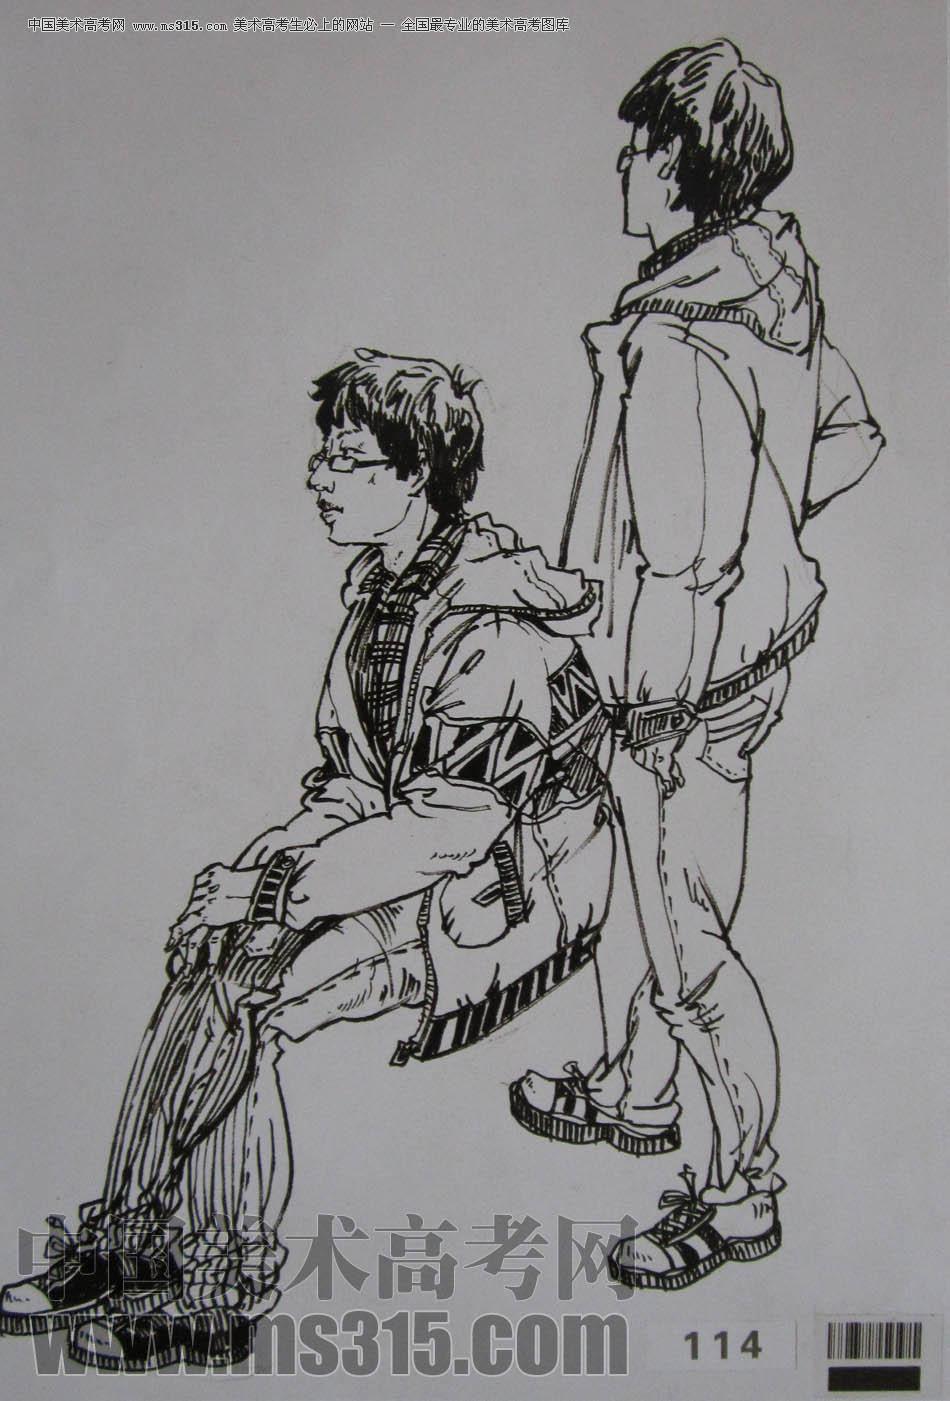 美术高考图库中心 2011年湖北美术学院速写优秀试卷 -> 作品欣赏